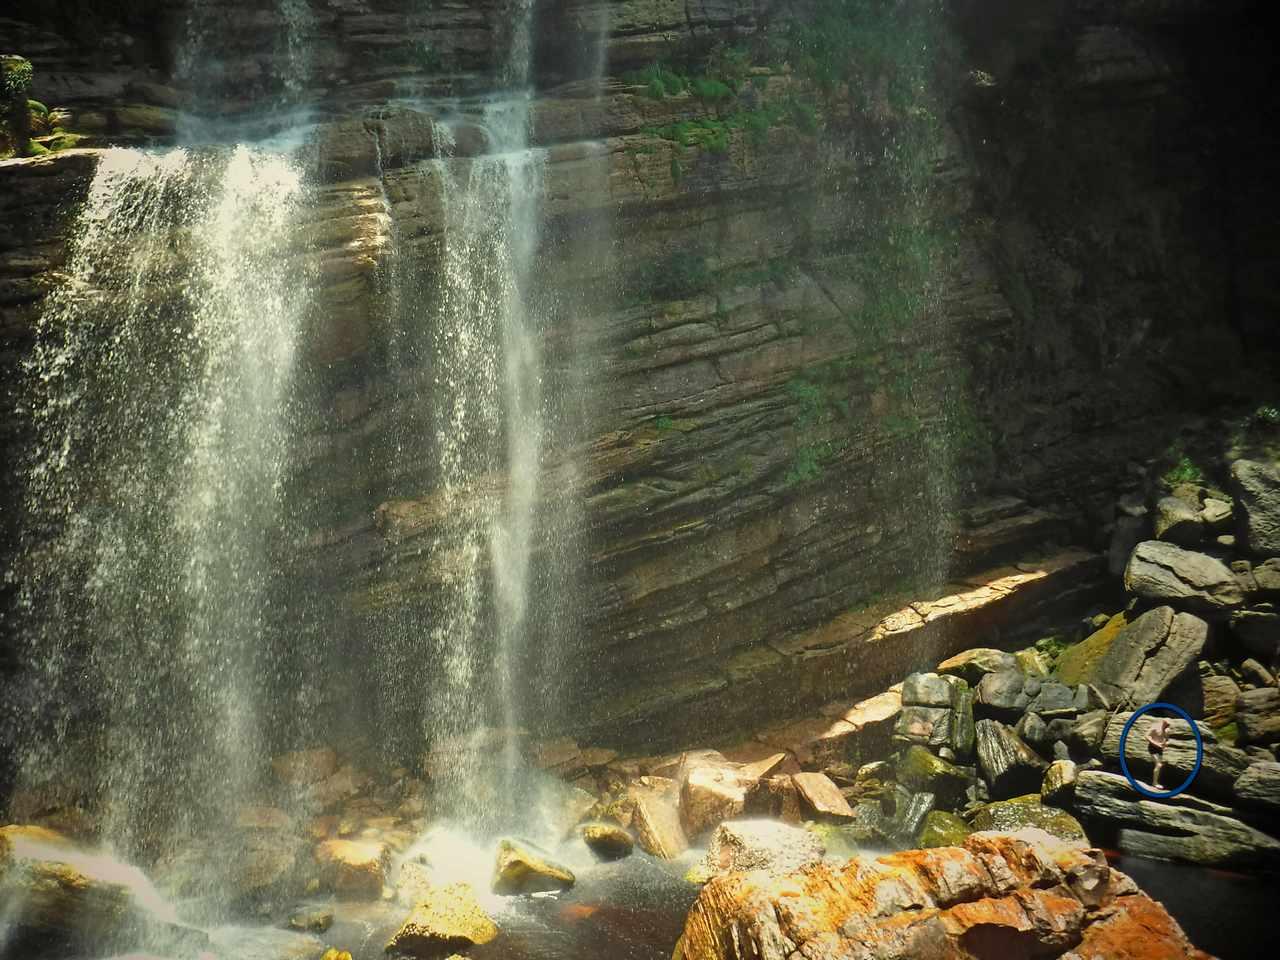 Cachoeira da Capivarí, Chapada Diamantina, Bahia, Brazil (1)